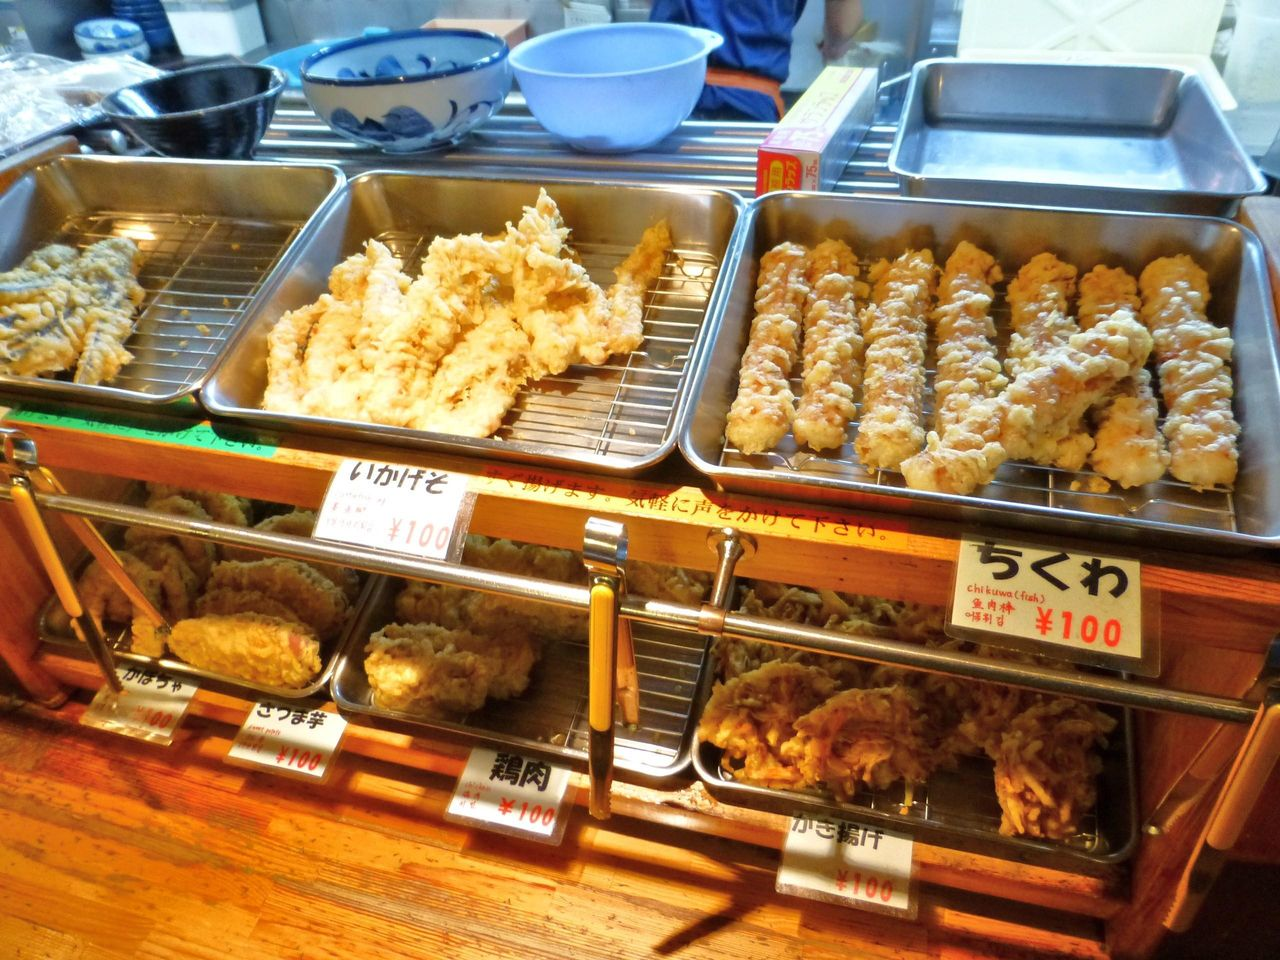 美味しそうな天ぷらが腹ペコの僕を誘惑します!